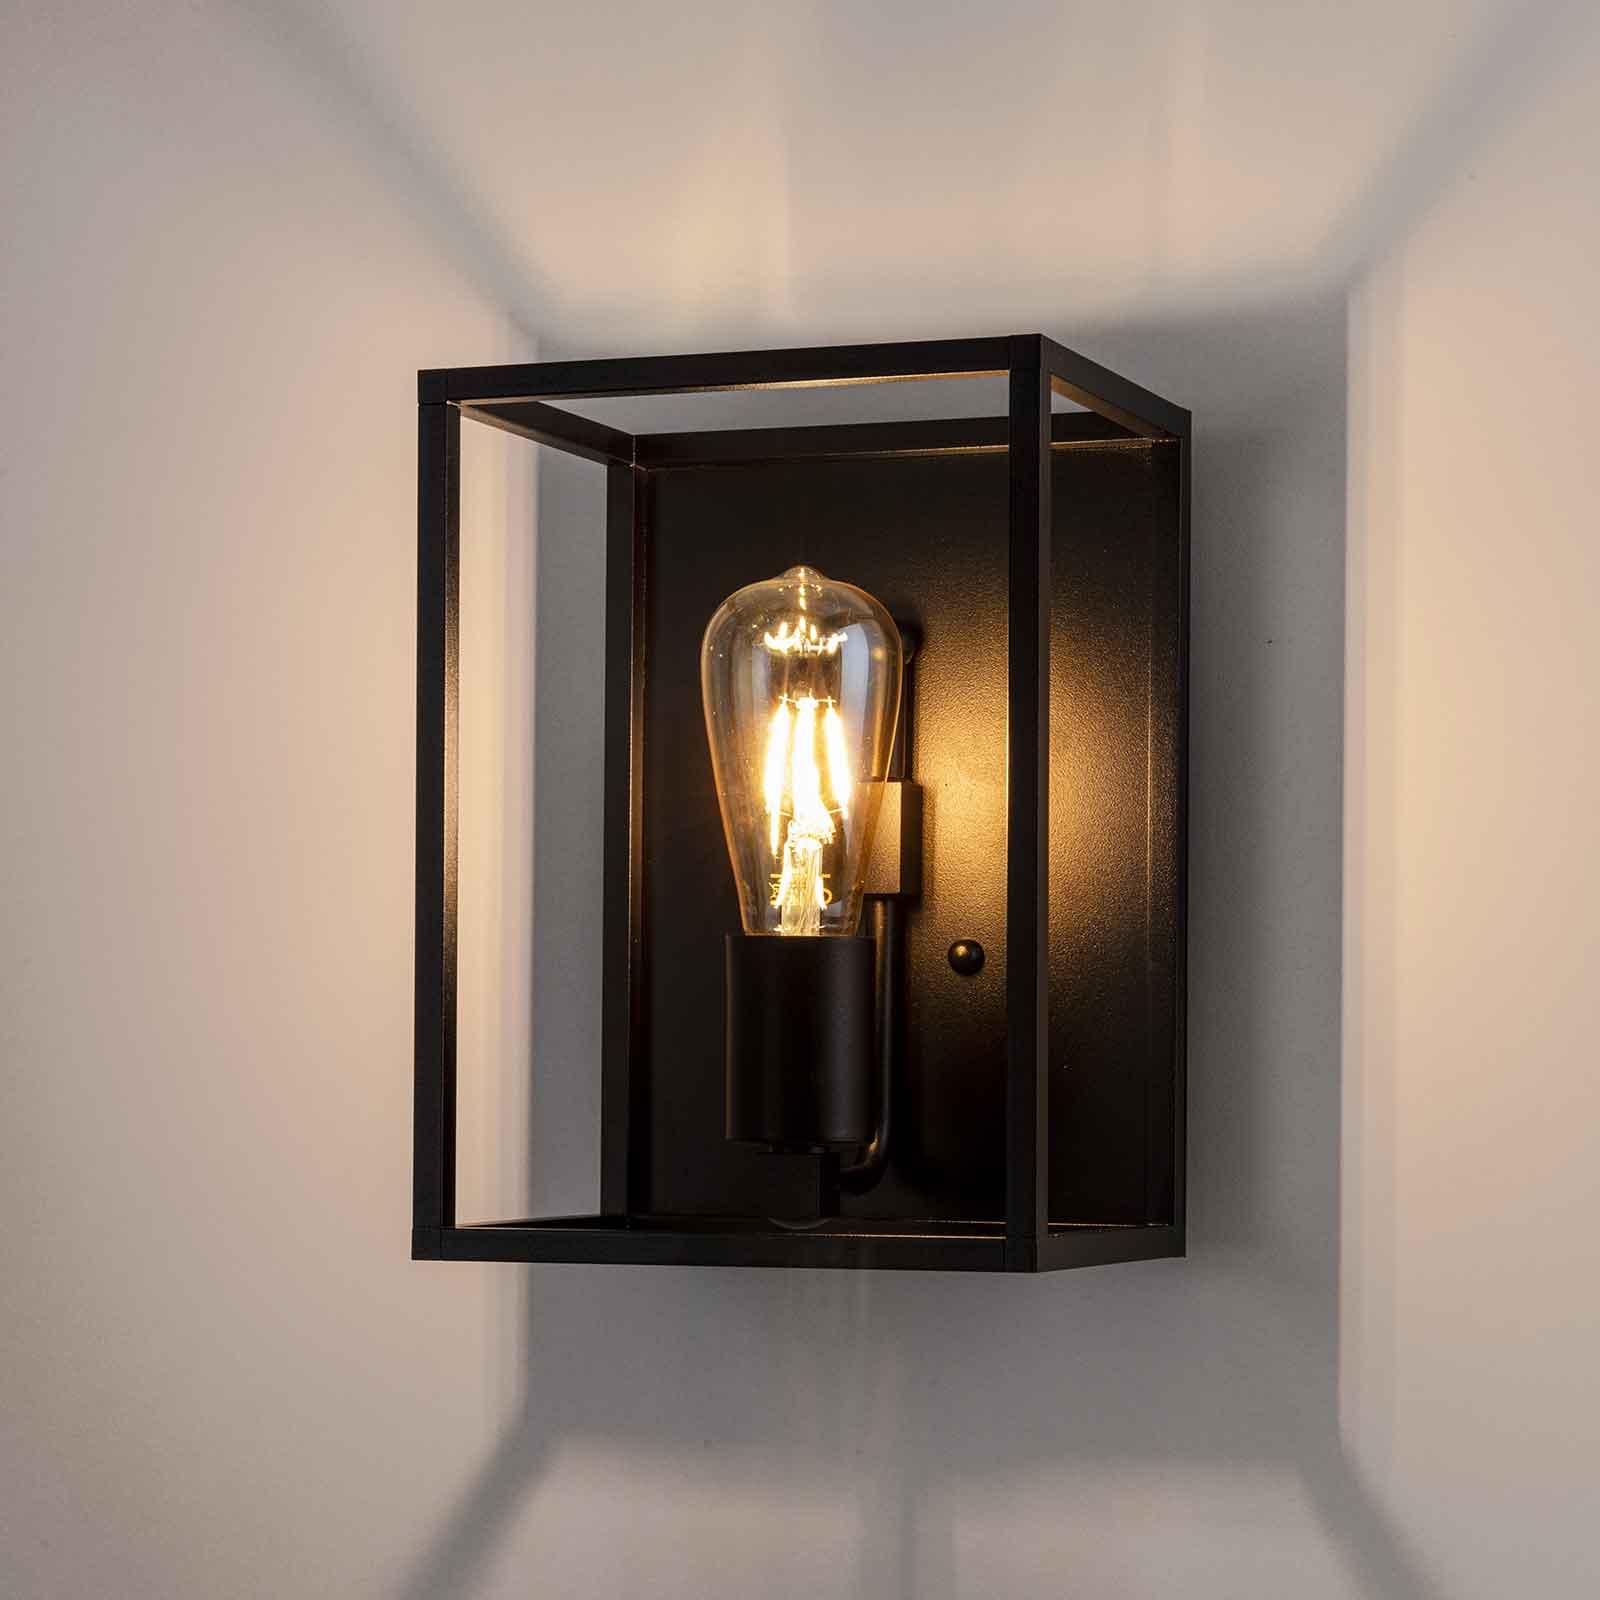 Wandlamp Cubic³ 3382 zwart, breedte 20 cm